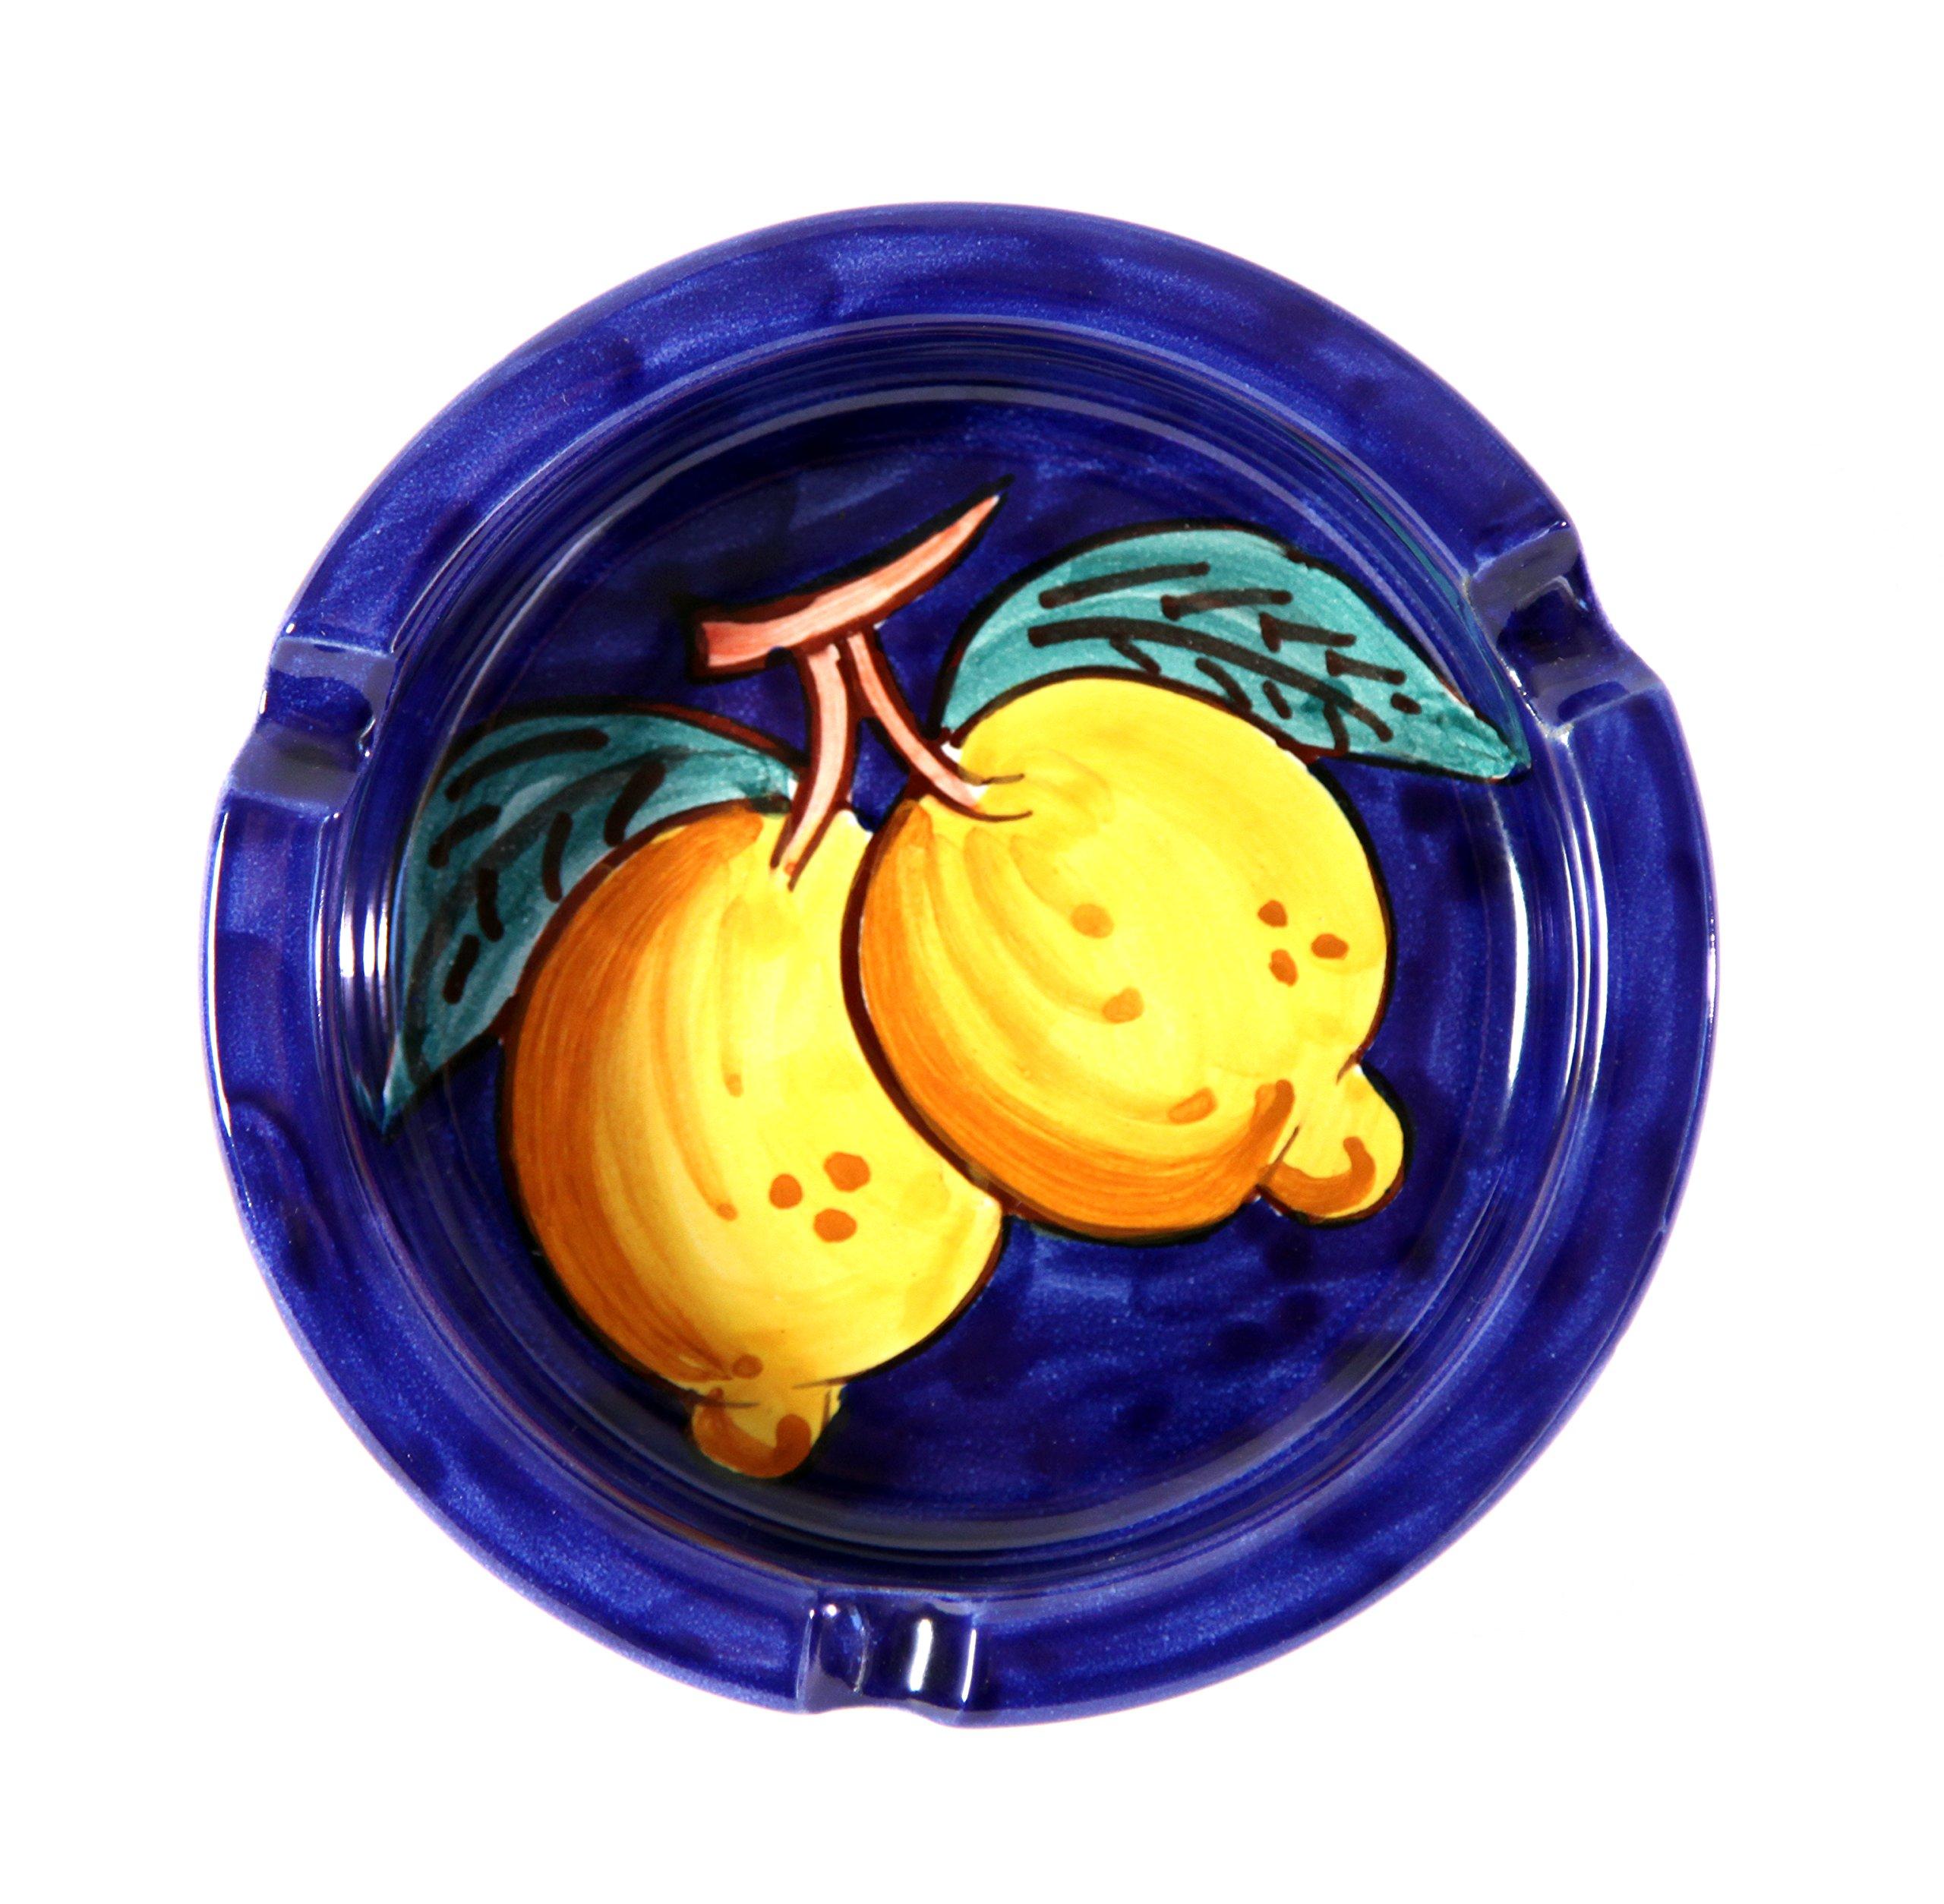 Vietri Ceramic handmade in Italy, ashtray